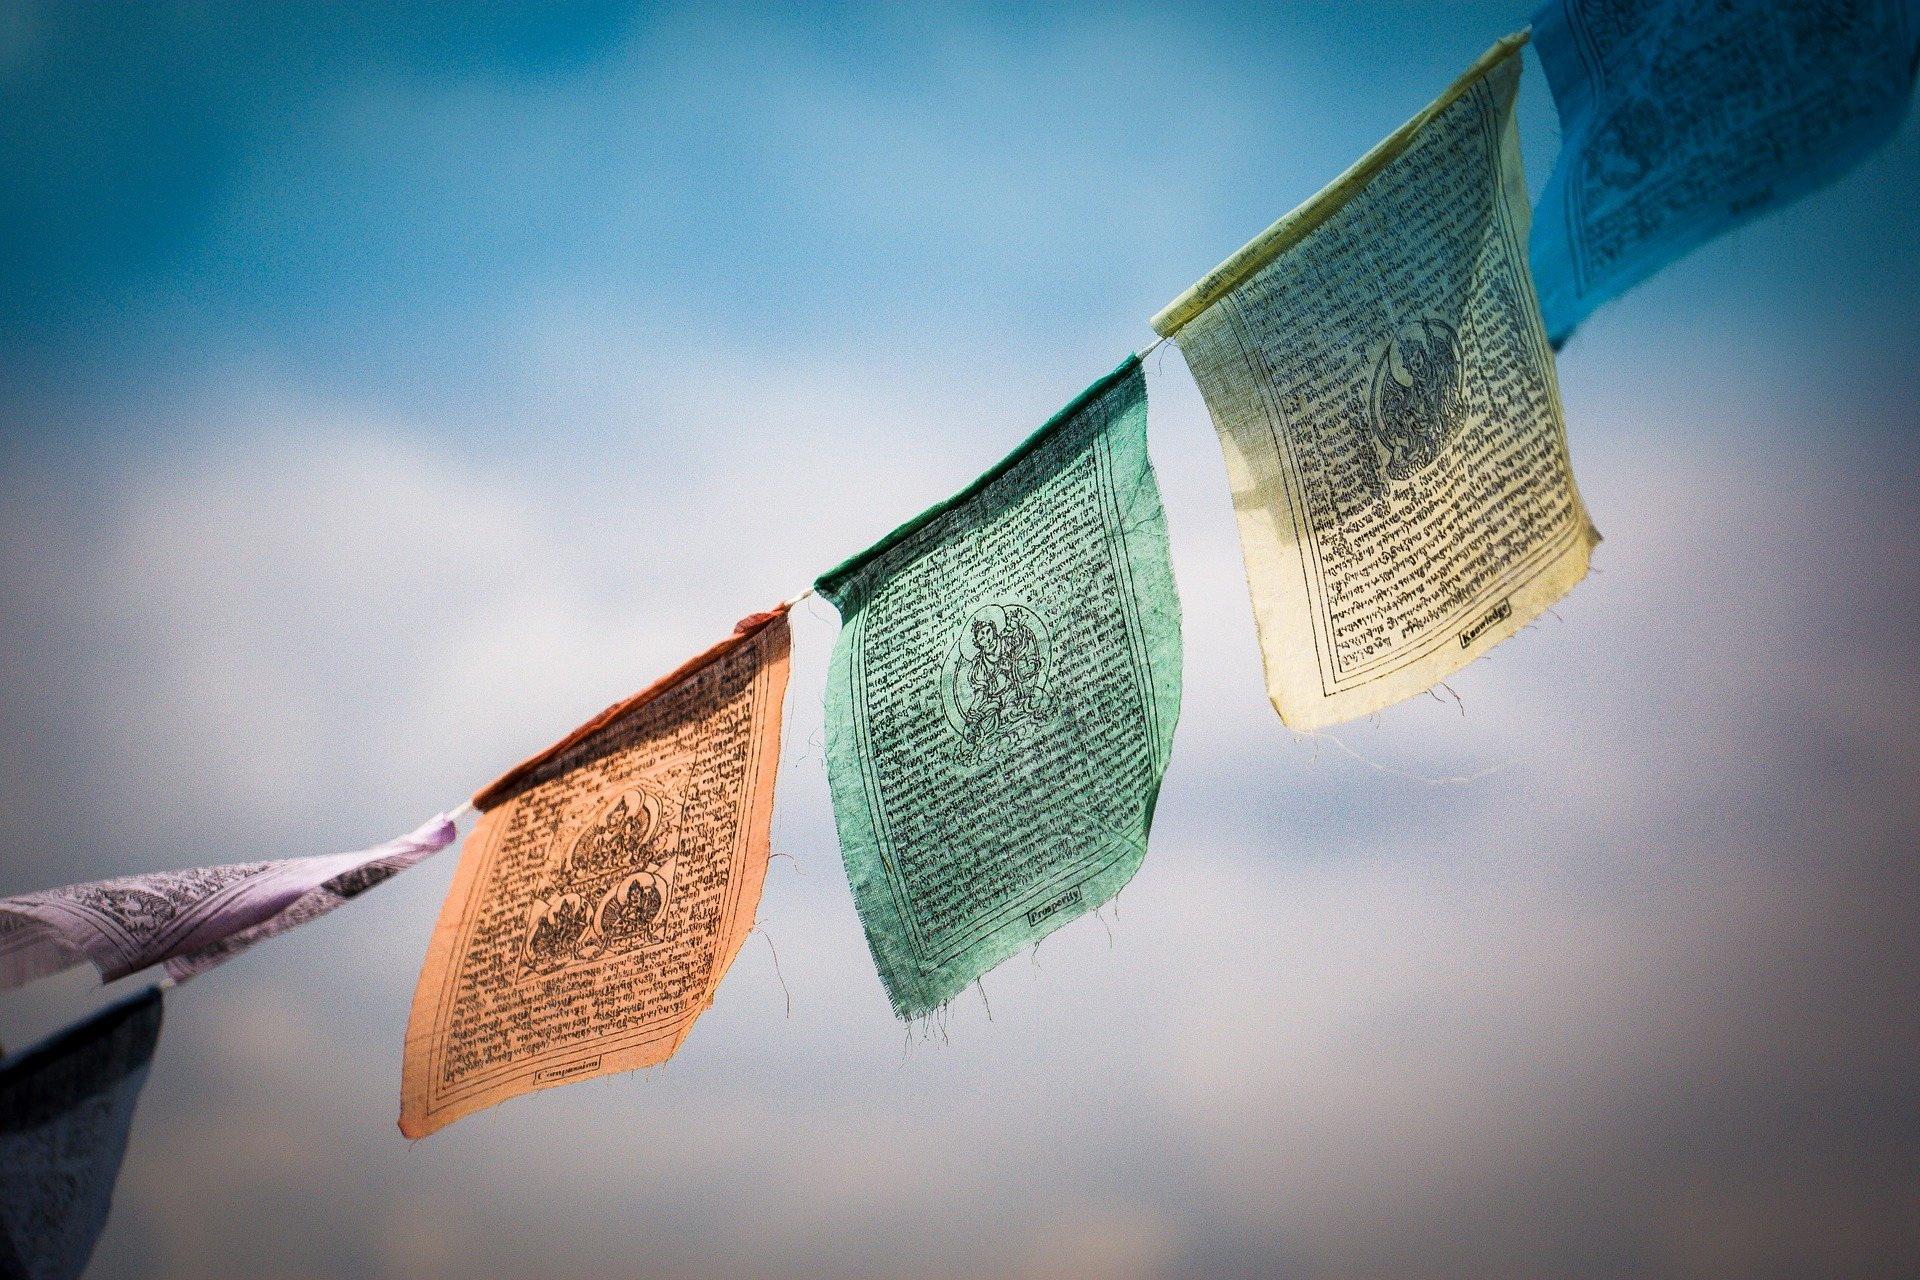 Tibetische Gebetsfahnen freie pixabay